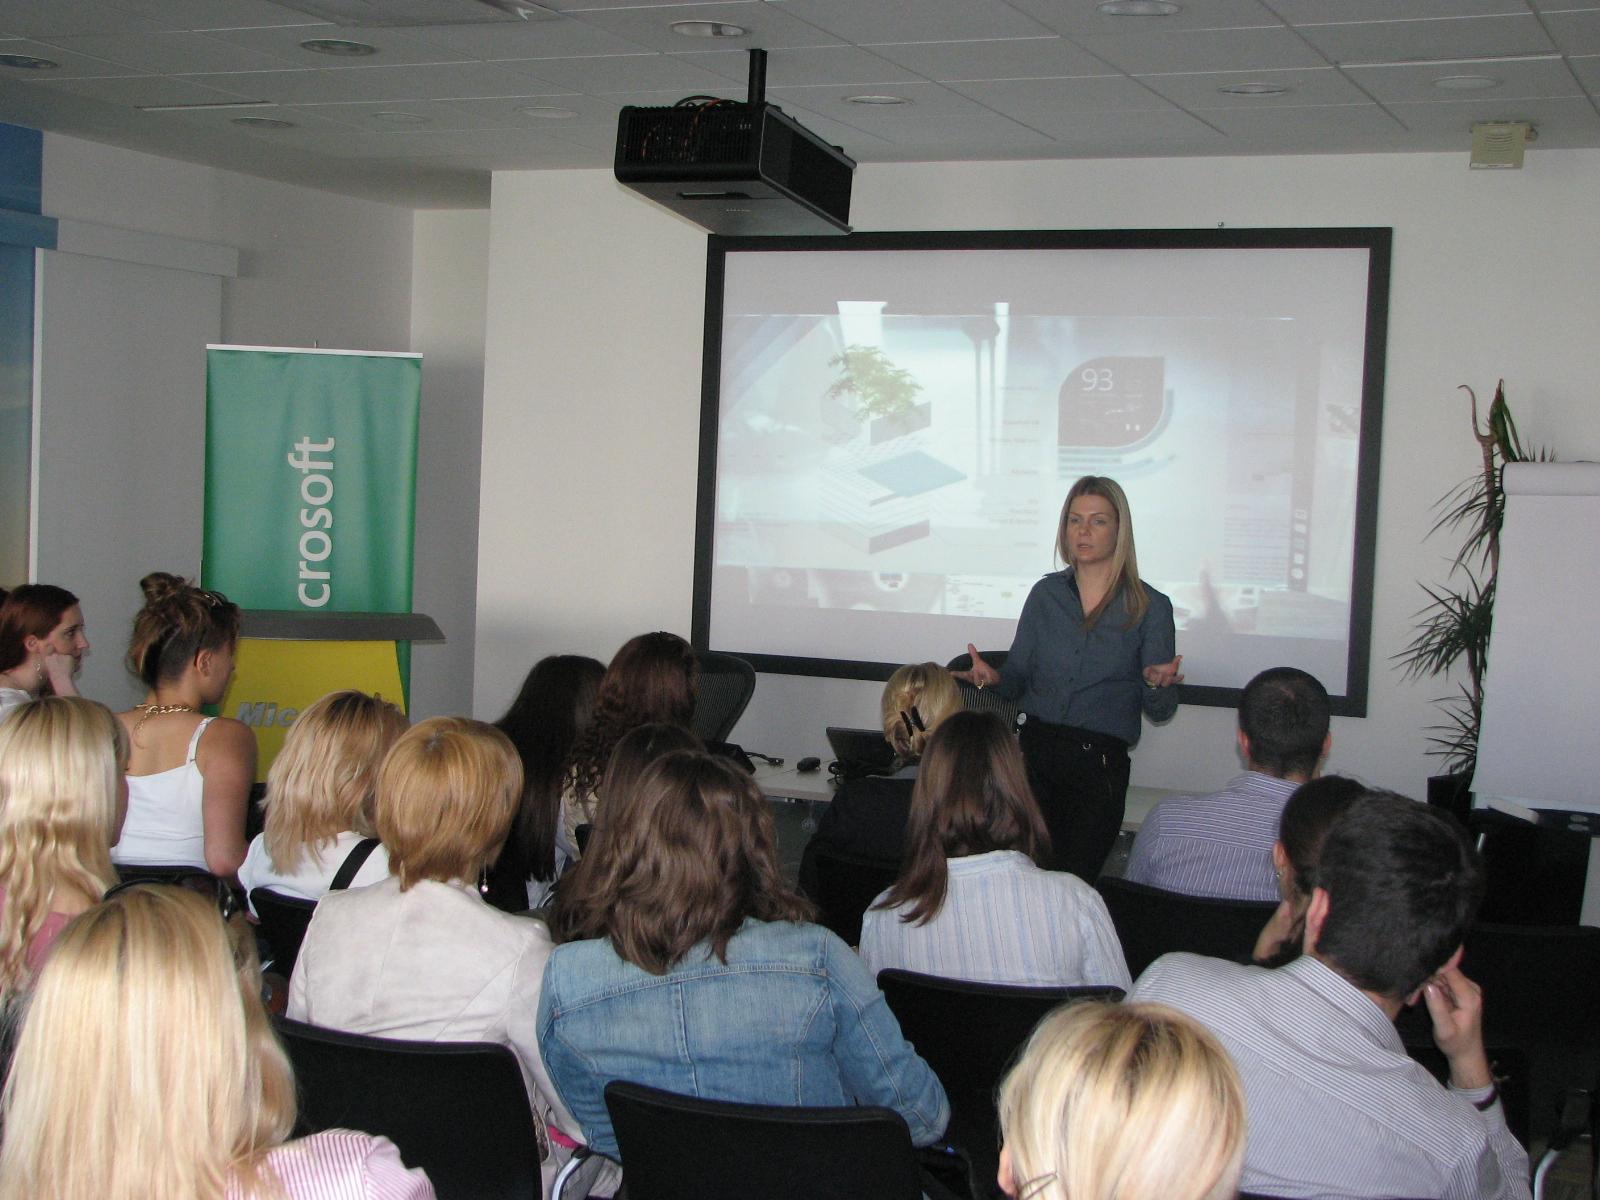 Jelena Vucevic Microsoft tokom obracanja ucenicama